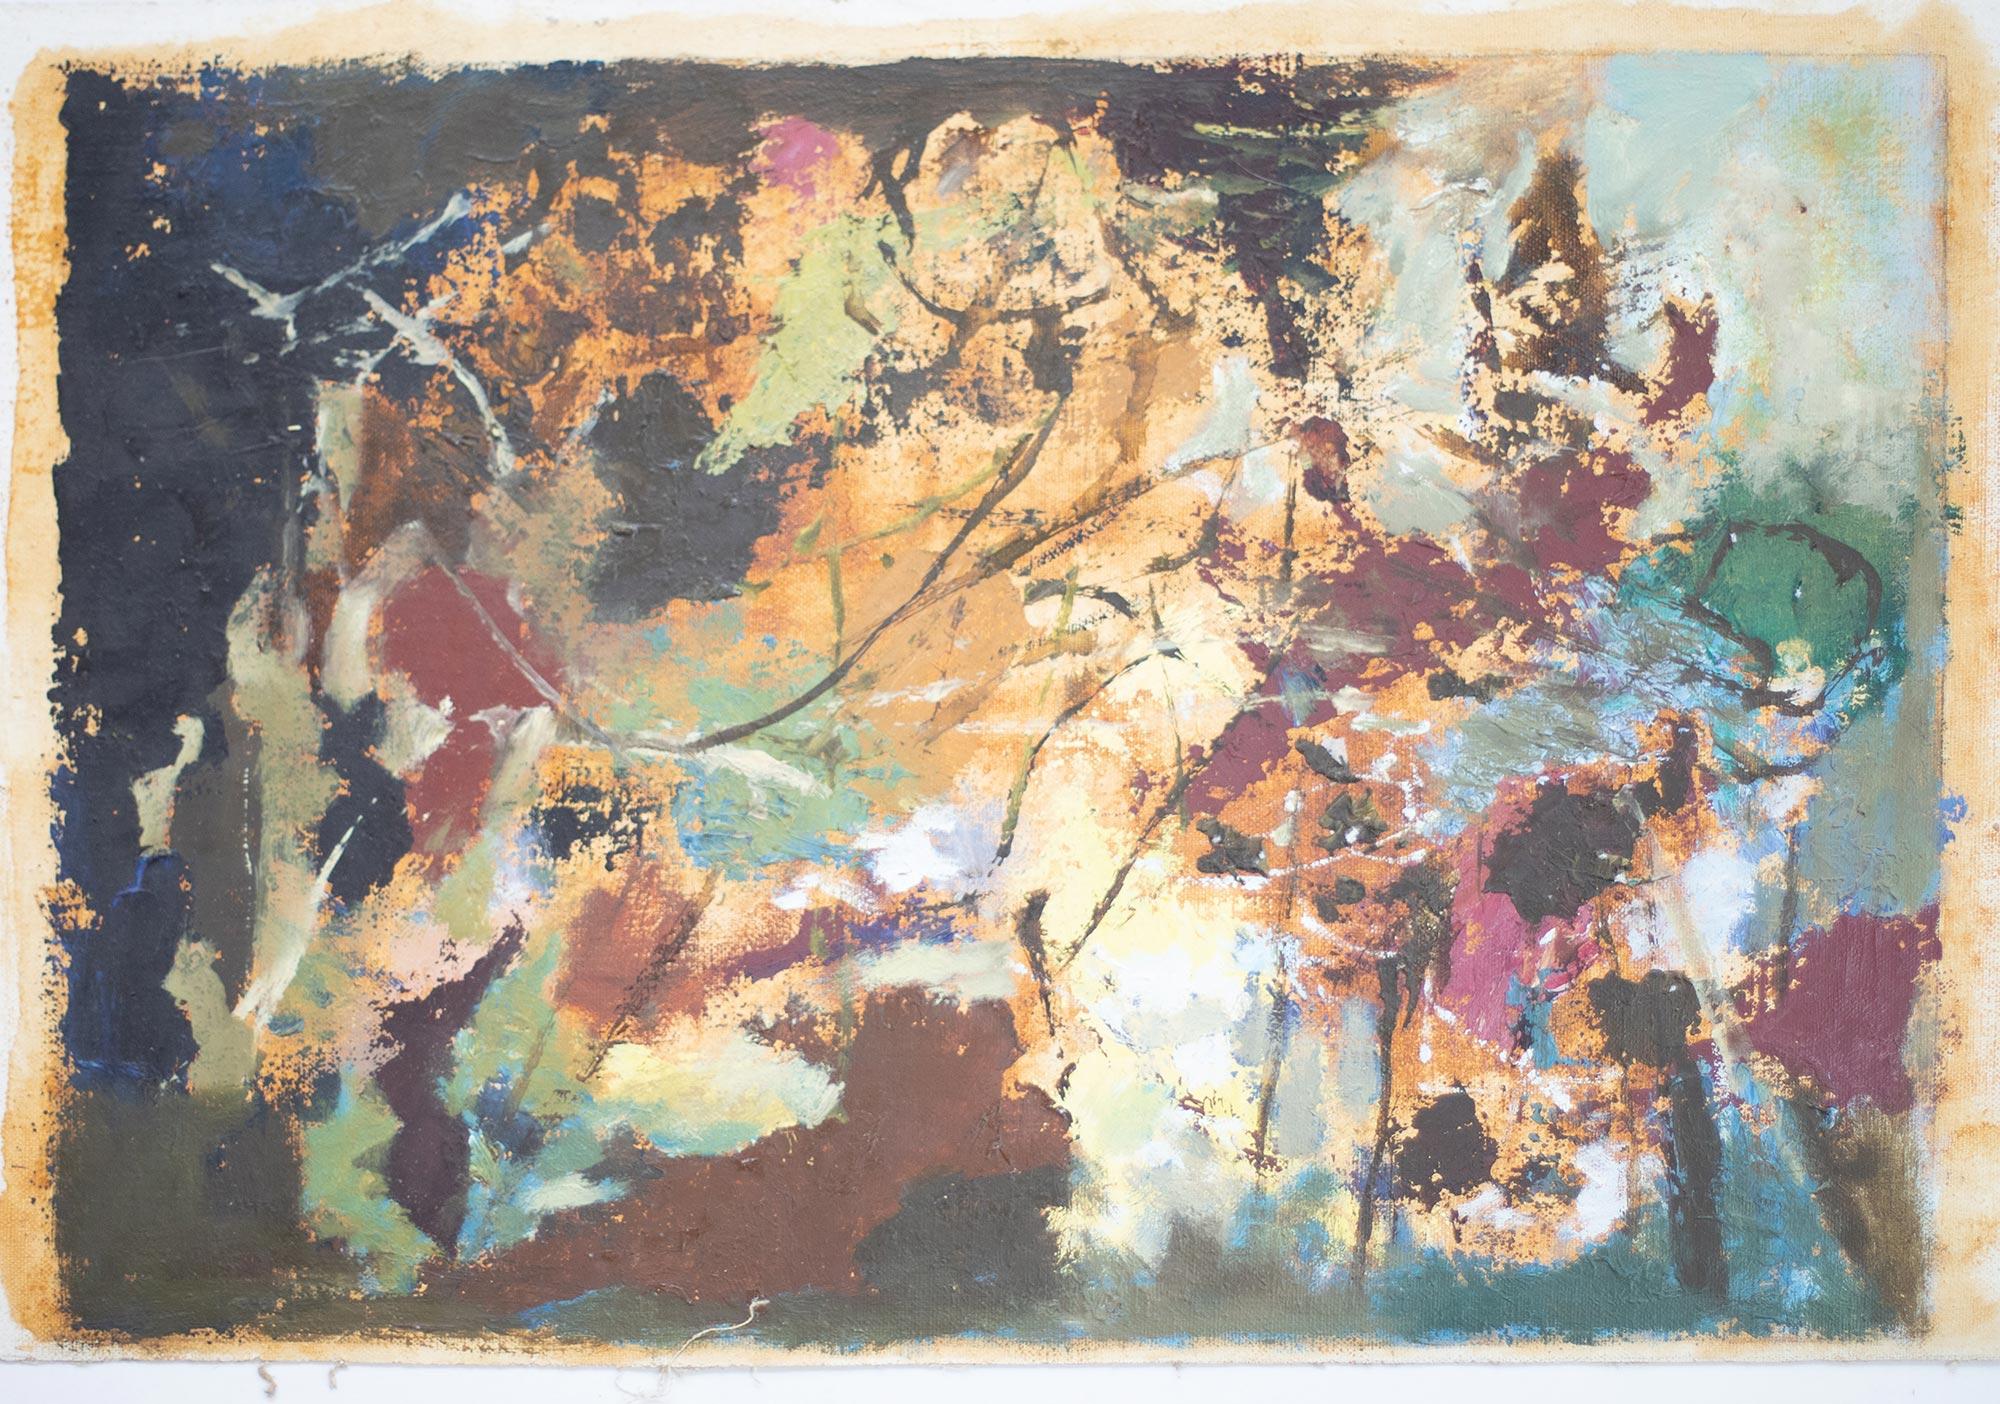 10 Hein Heckroth, o. T., ohne Jahr, Öl auf Leinwand, 36,5 x 61 cm, Privatbesitz